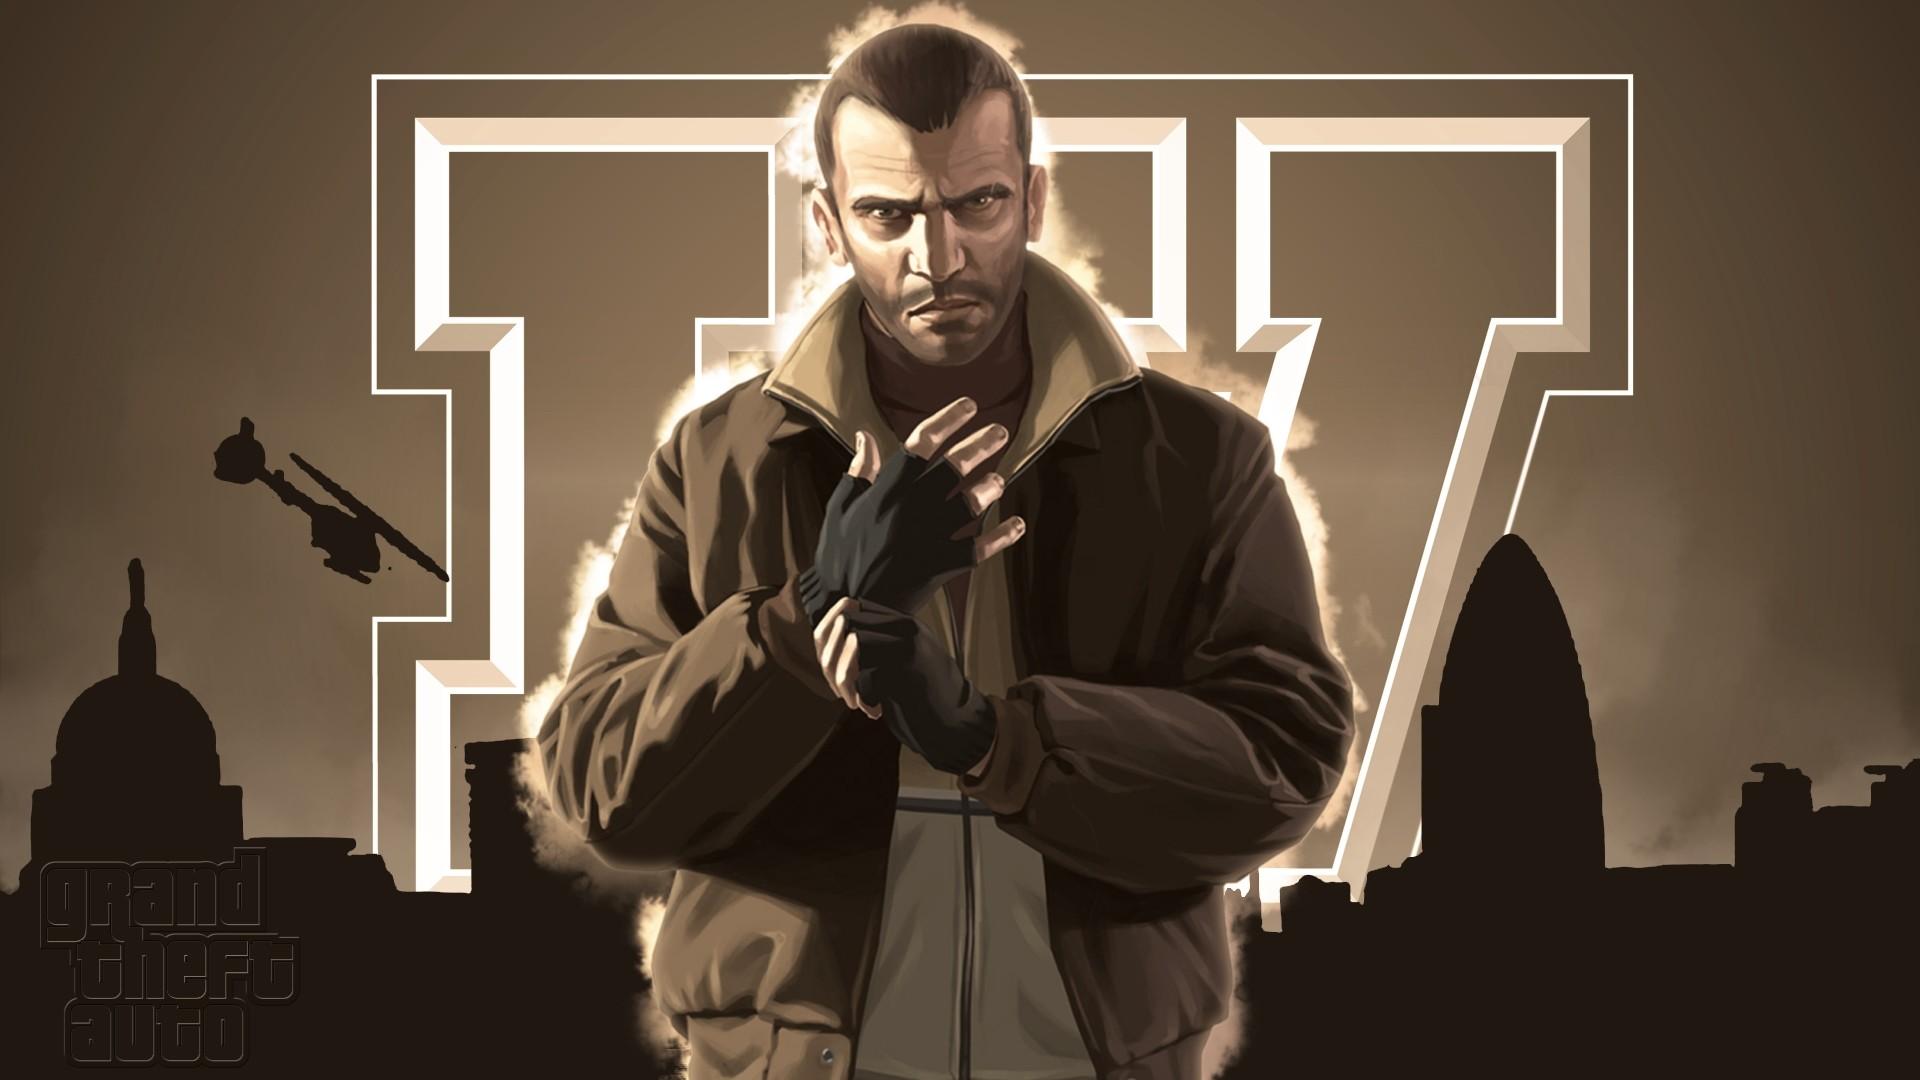 Res: 1920x1080, Niko Grand Theft Auto IV